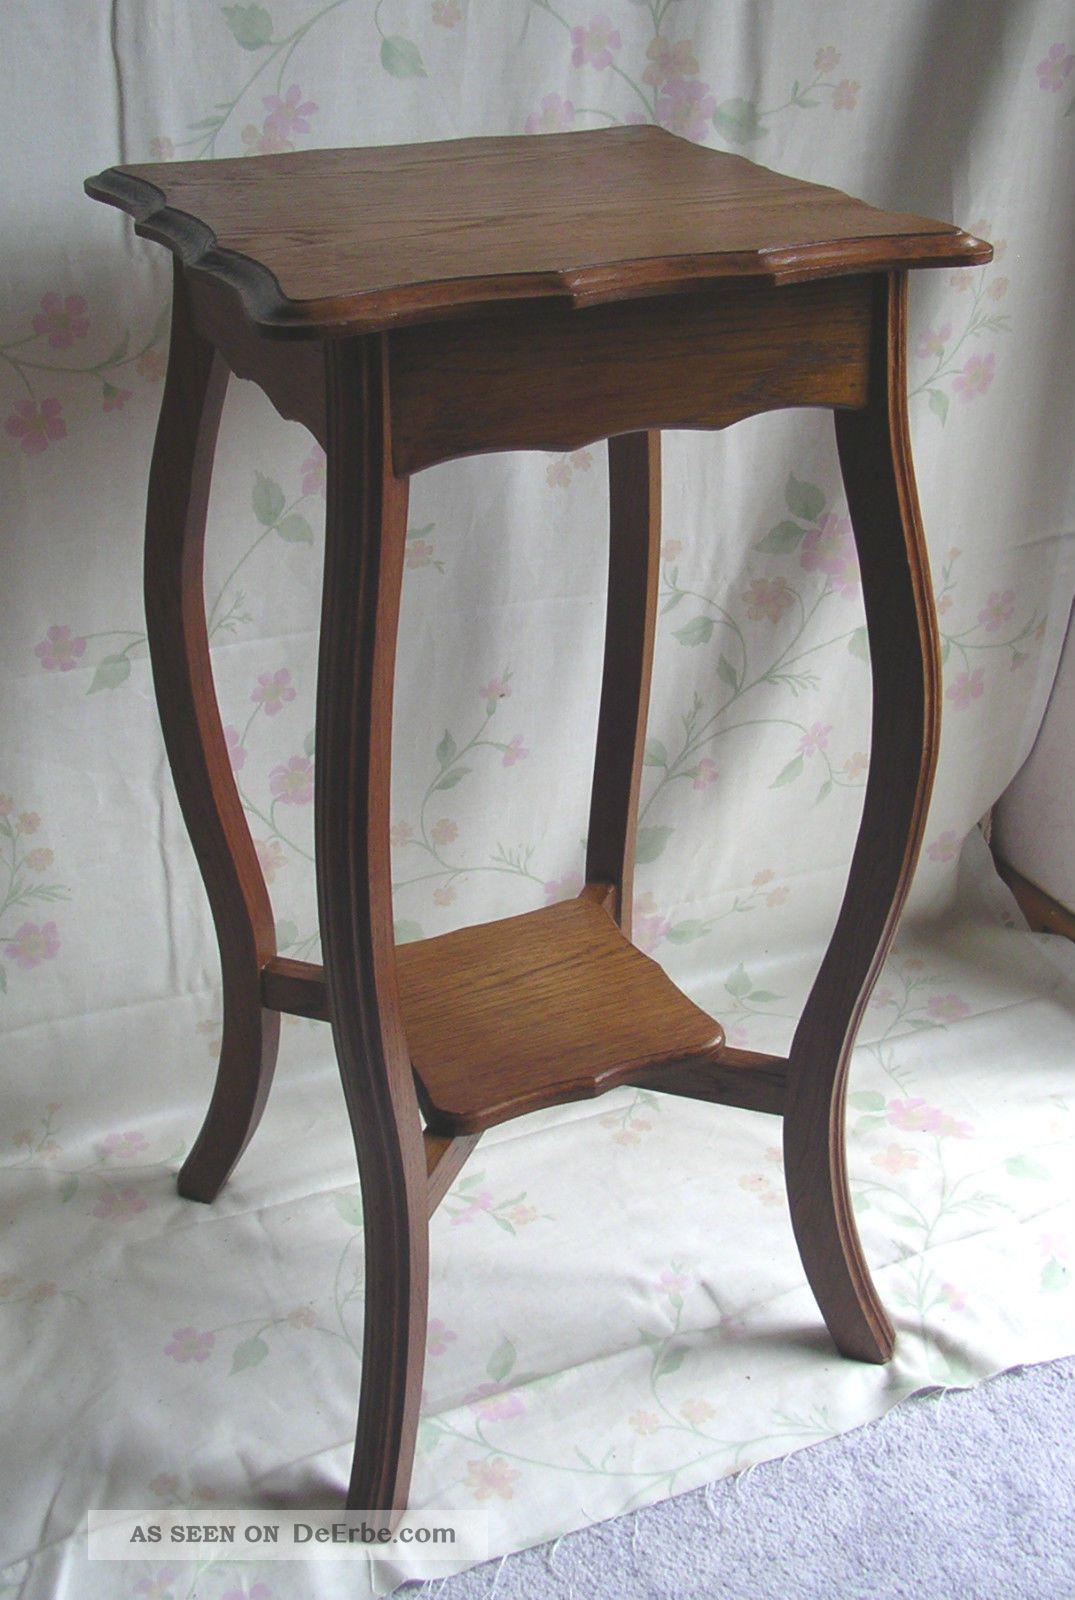 Frankreich Jugendstil Tisch Beistelltisch Edelholz Shabby Chic Antike Originale vor 1945 Bild